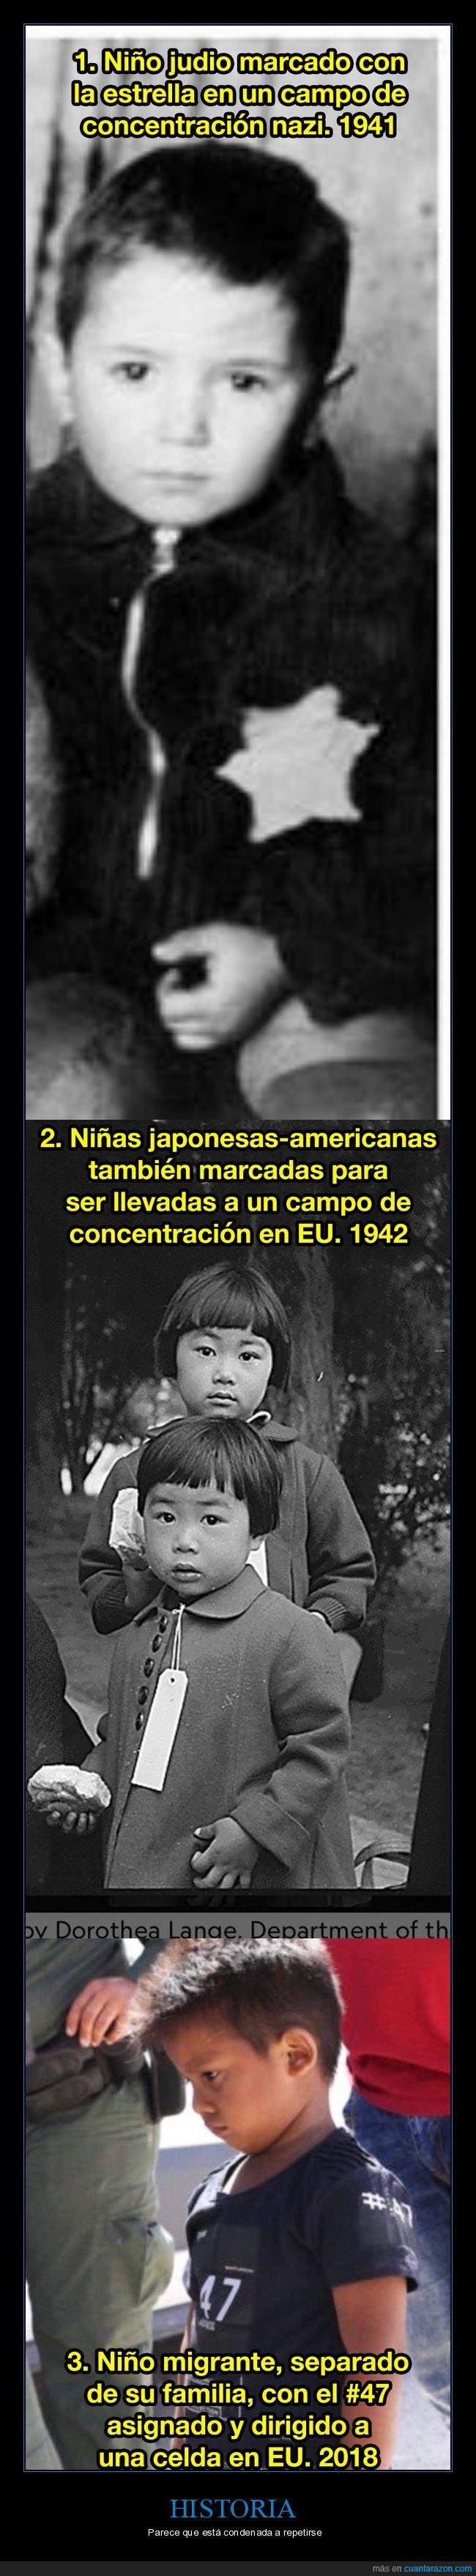 campo de concentración,ii guerra mundial,japoneses,judío,migrantes,niños